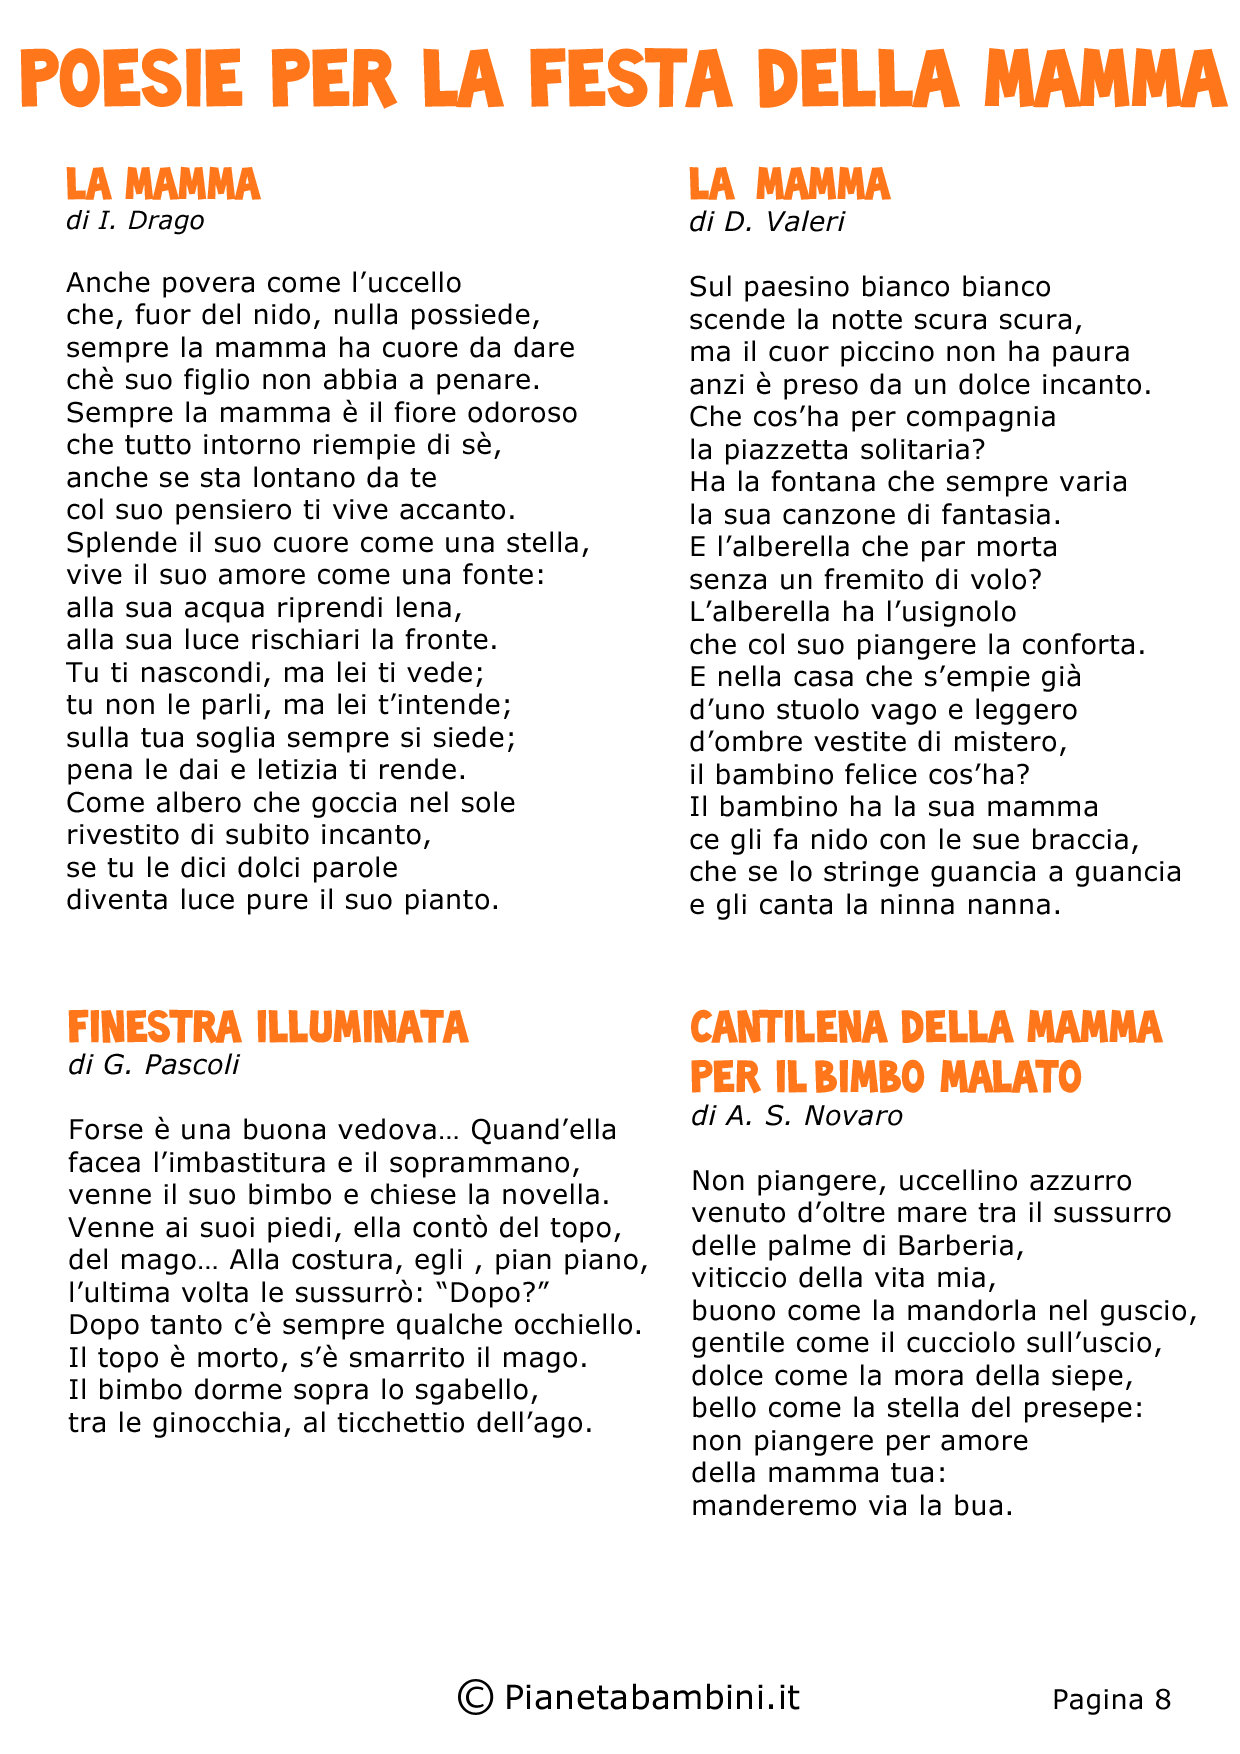 50 Poesie Per La Festa Della Mamma Per Bambini